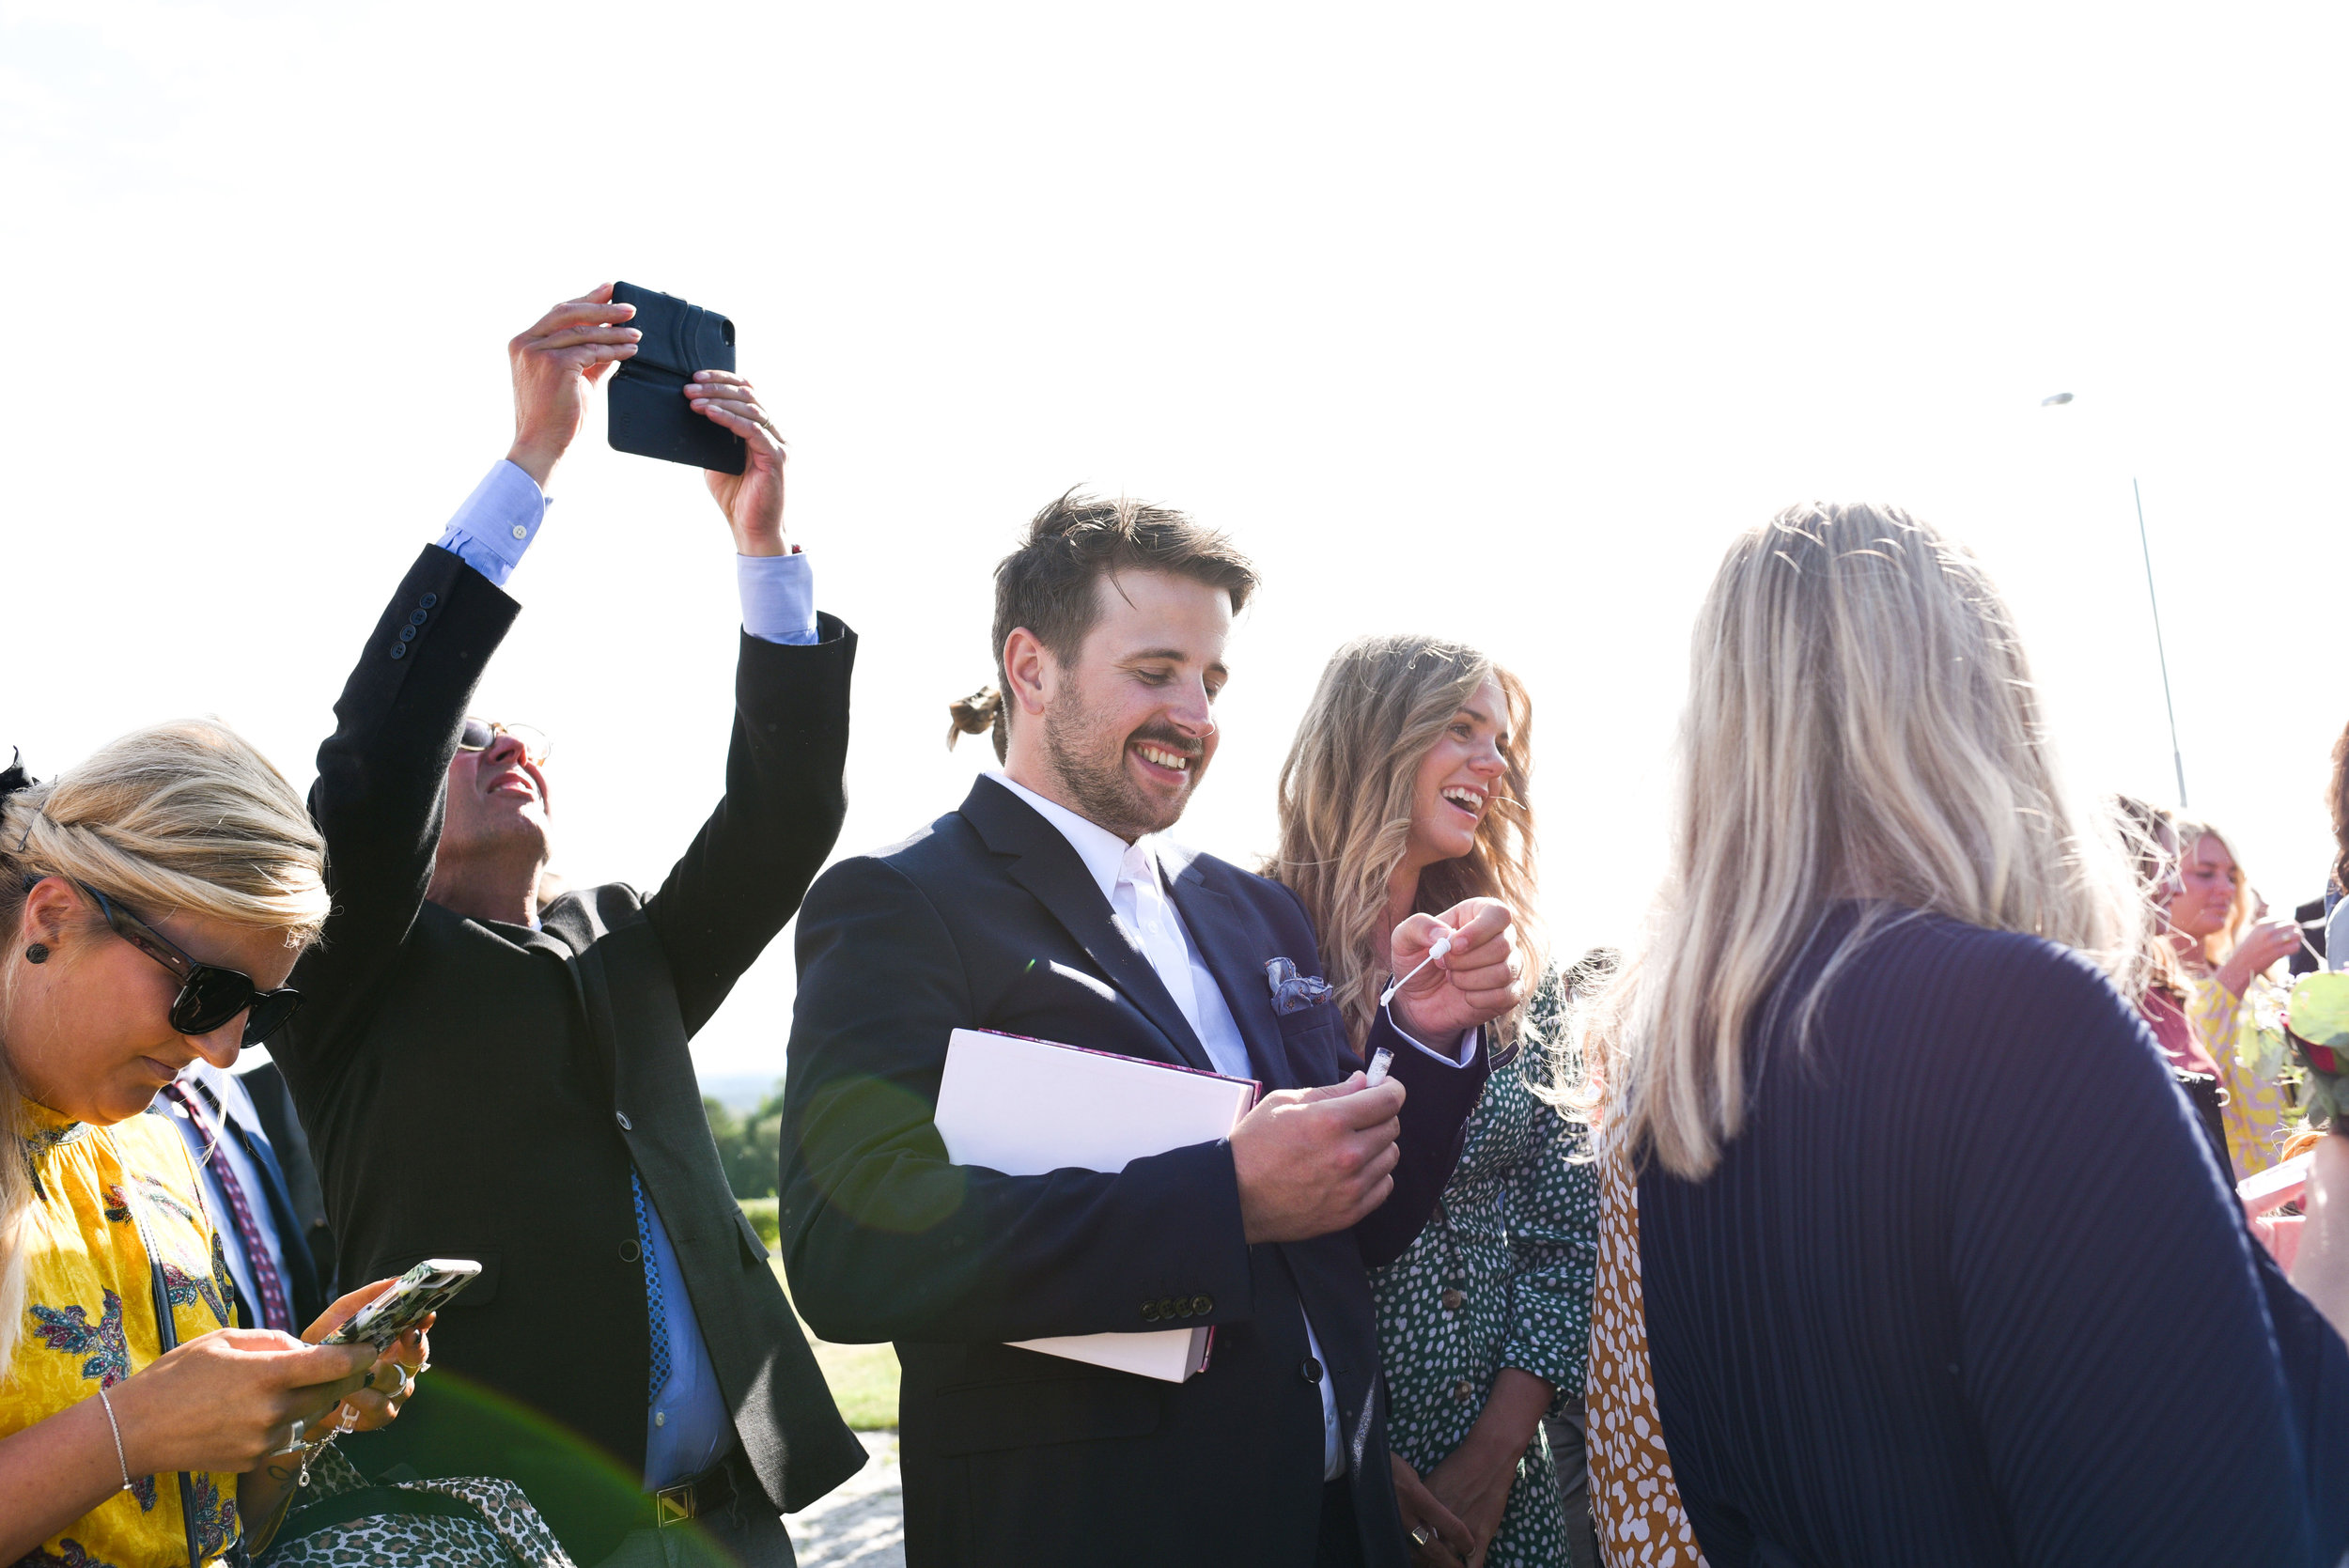 Bröllop2019lågkvall2-5601.jpg